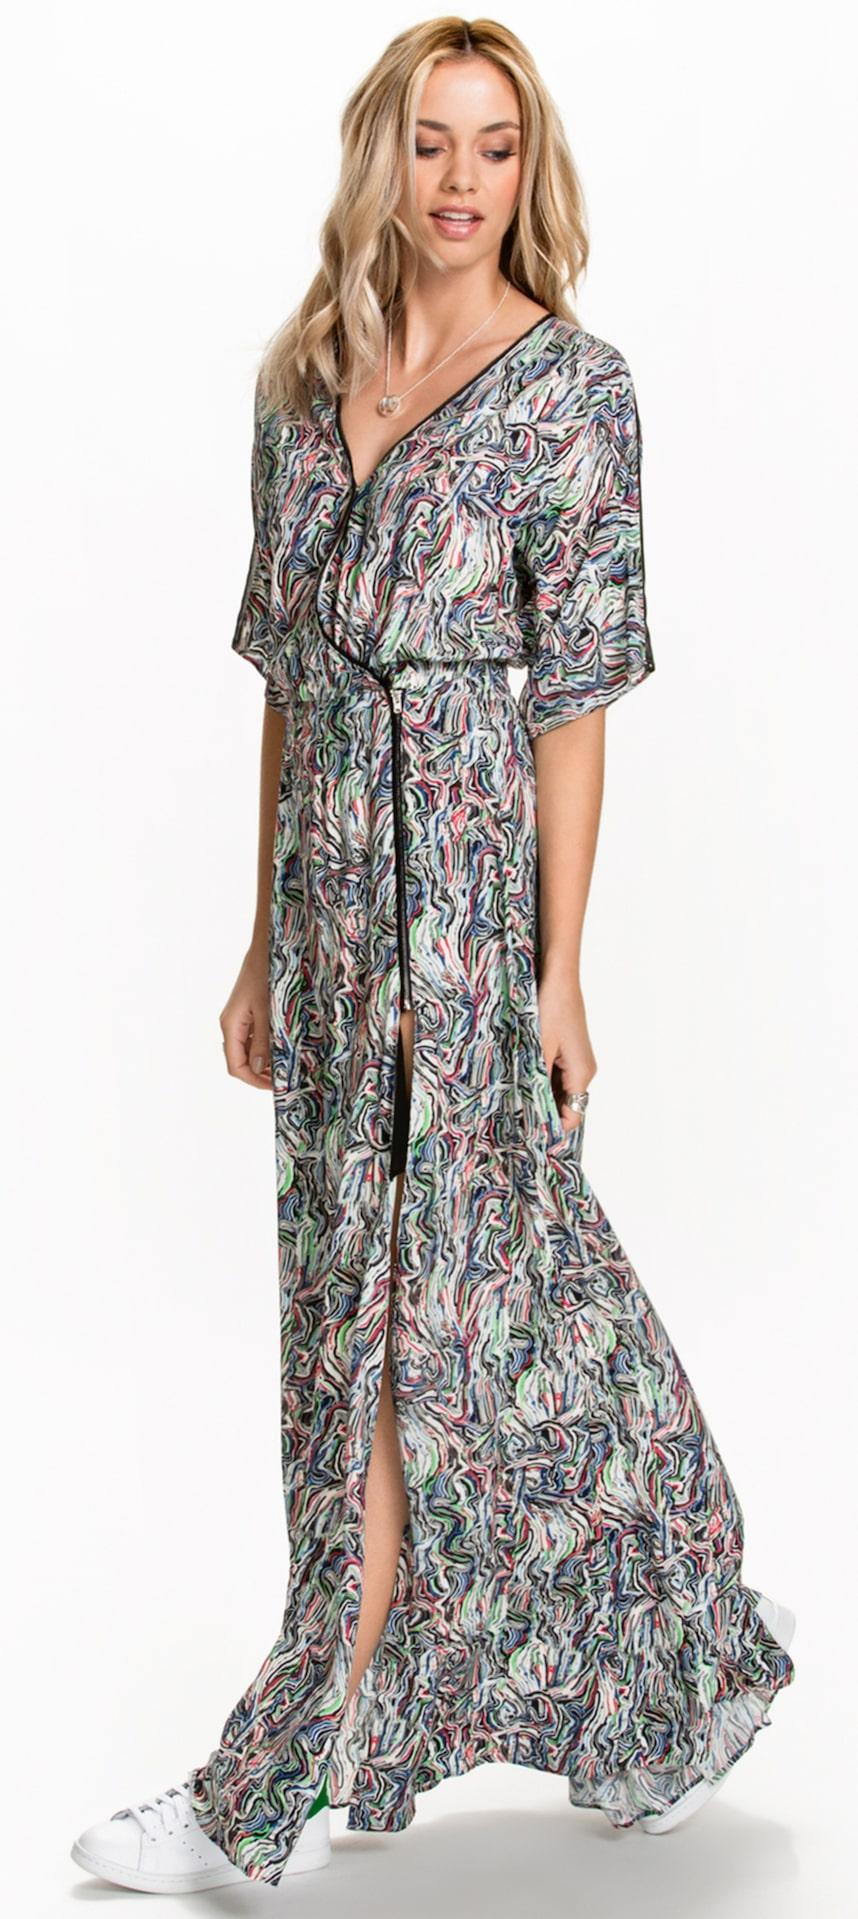 Maxiklänningen Lillian från Dagmar har lös passform och kort ärm. Hög slits i sida. Förlängande effekt, matchad med klackar för ännu mer längd. 3 195 kronor, Nelly.com.